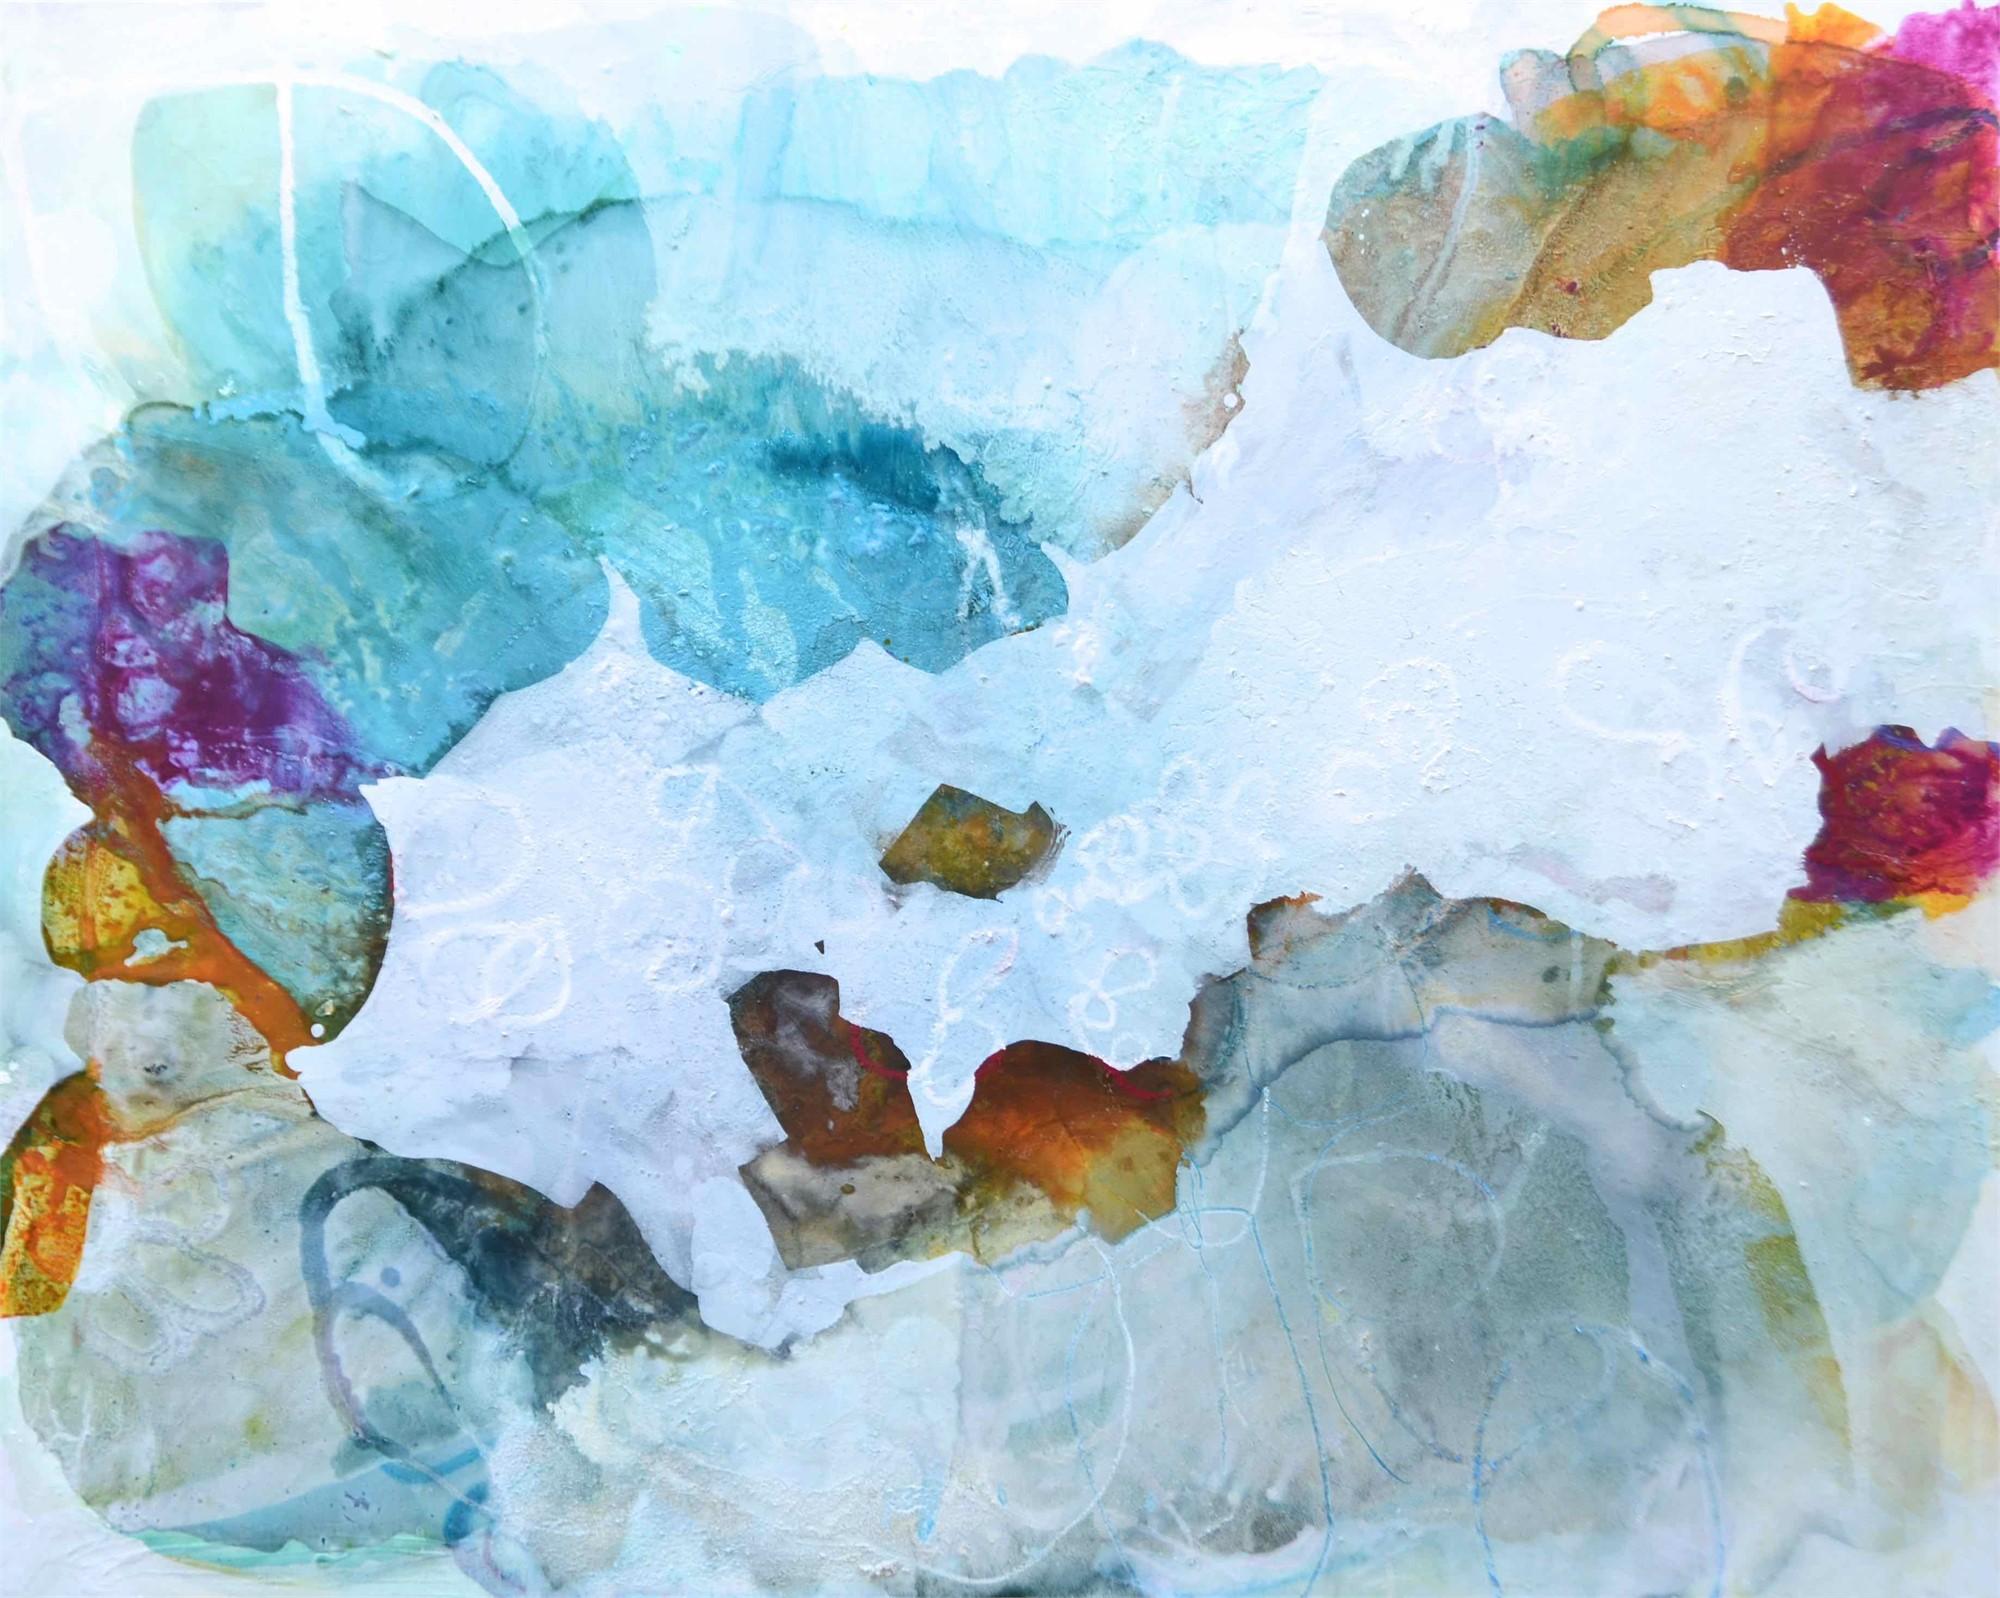 Shore Break 3 by Liz Barber